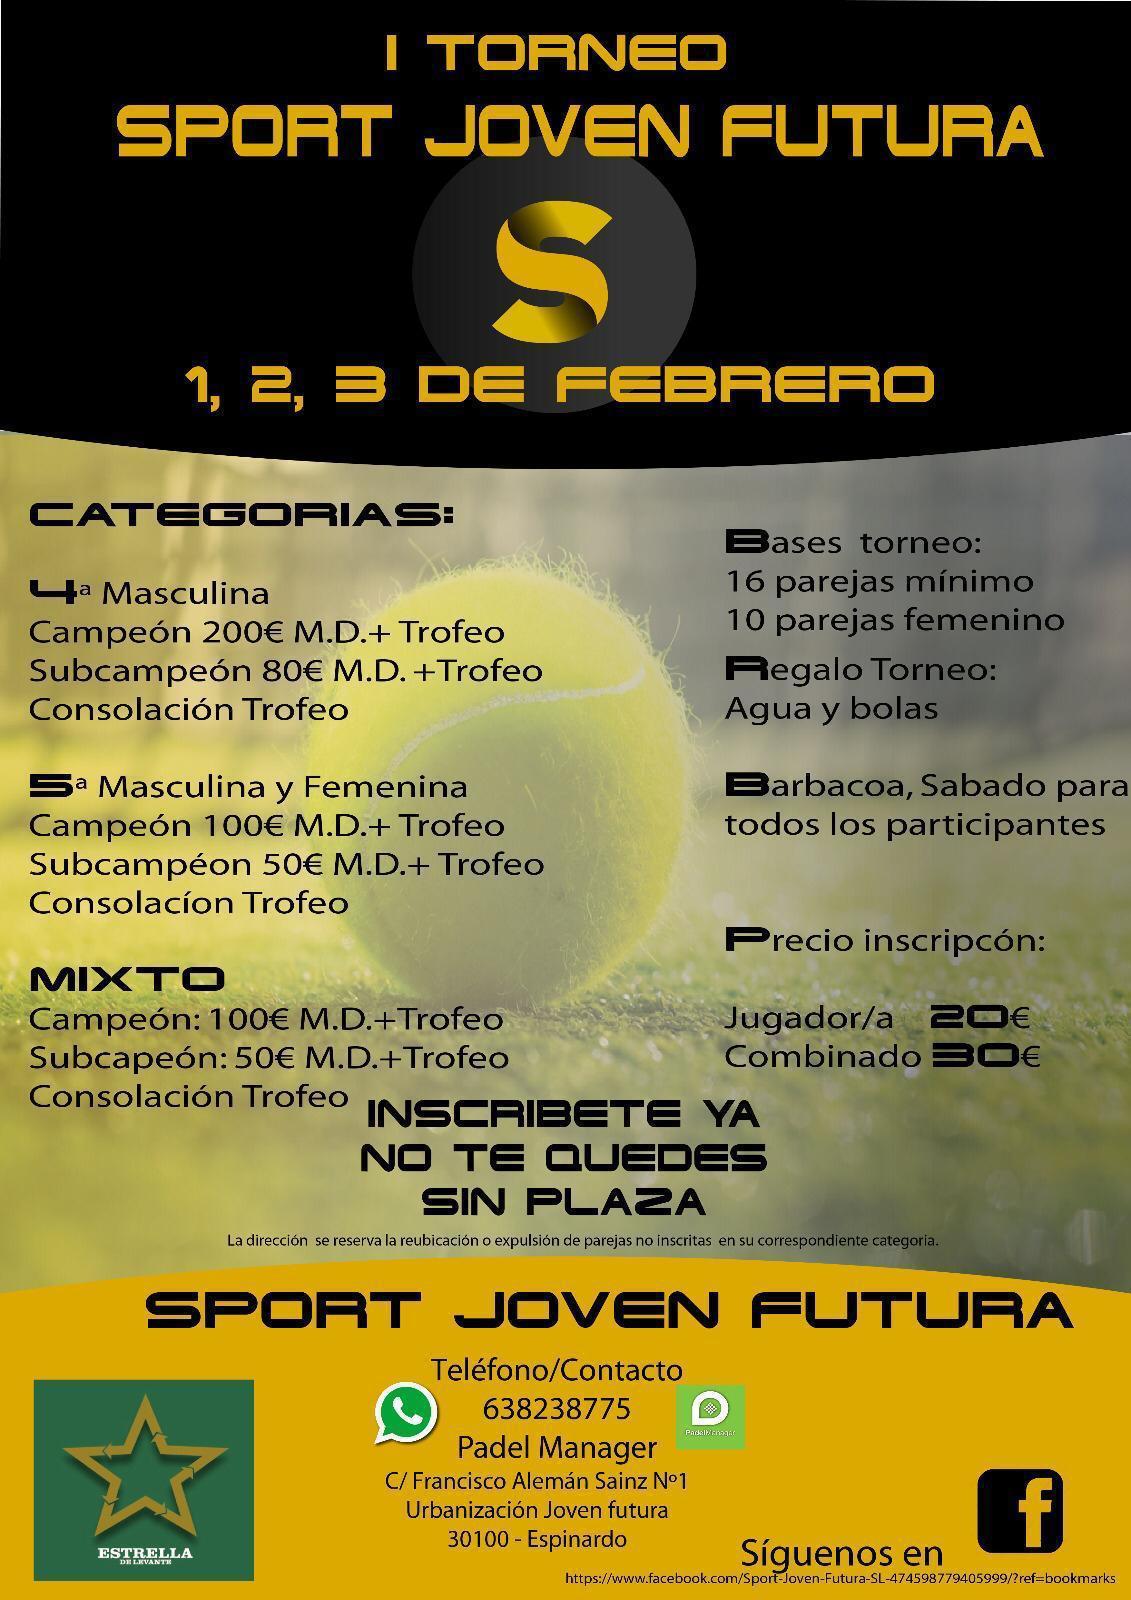 Cartel I Torneo Sport Joven Futura 1,2 y 3 febrero 2019 - Espinardo - Murcia